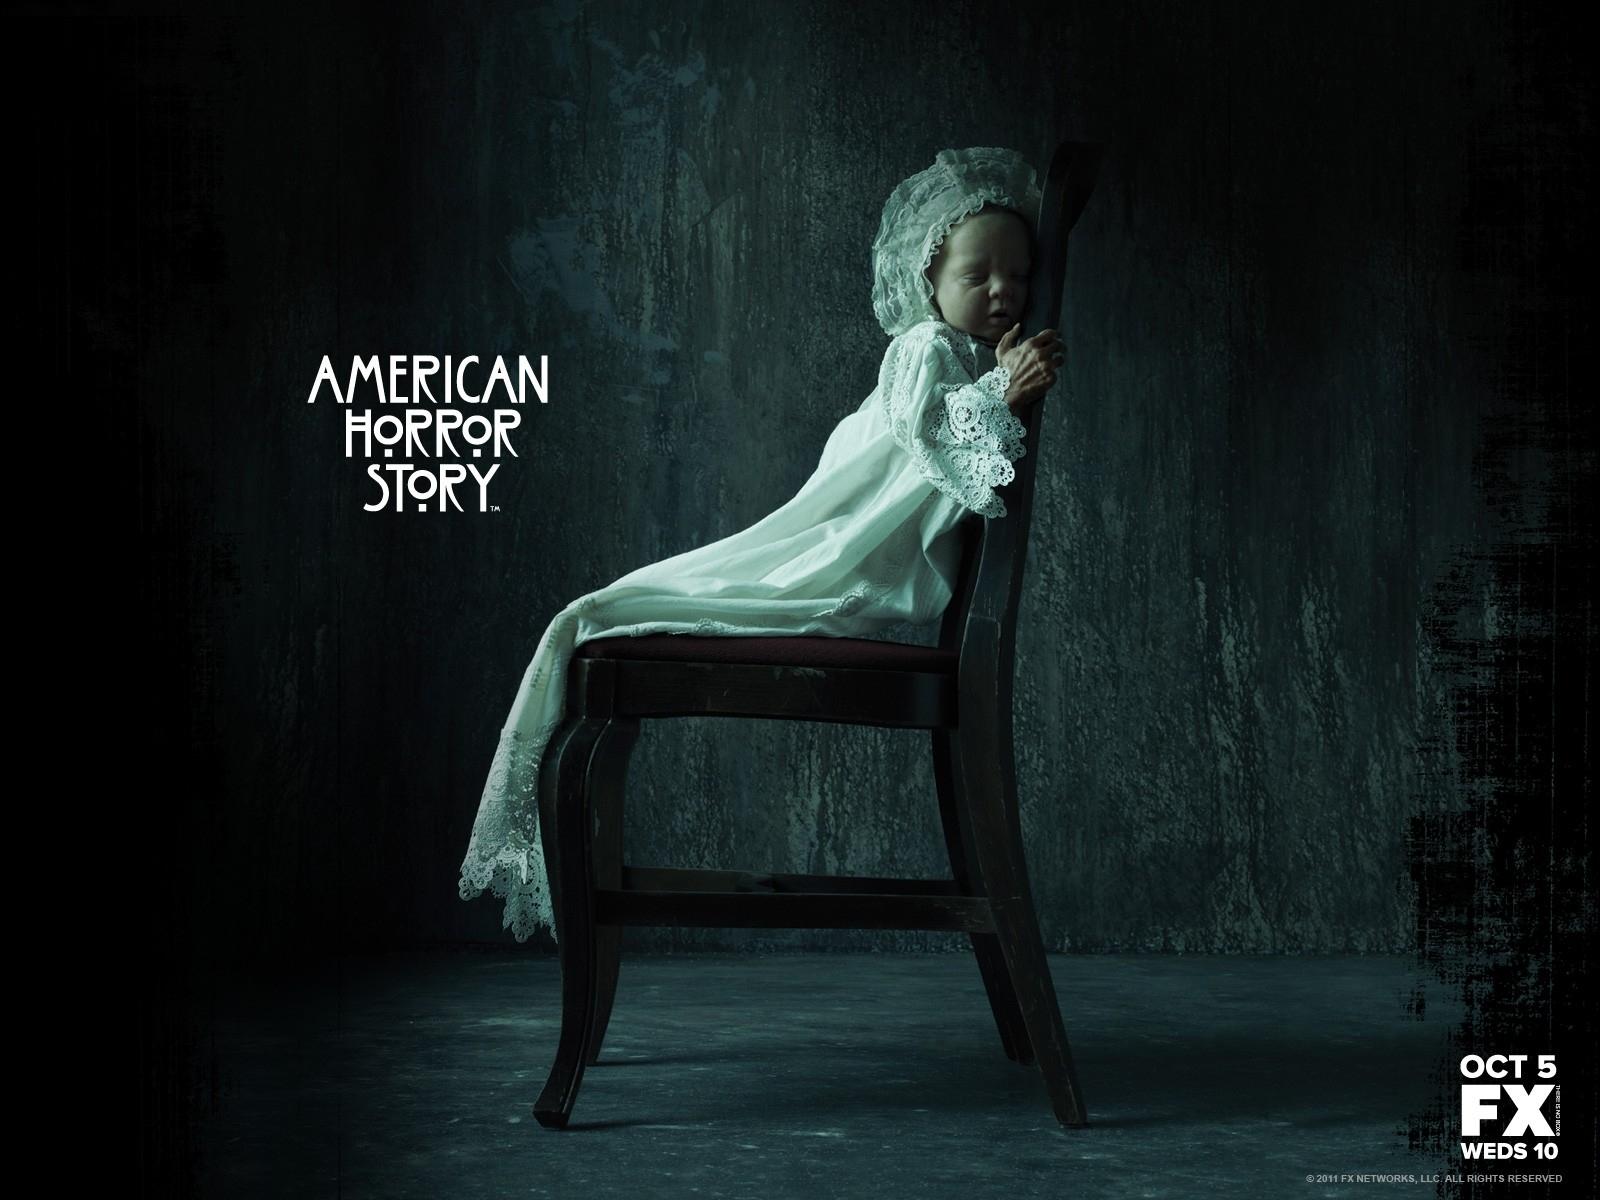 hd 1435 american horror story - hd free wallpaper - desktop backgrounds